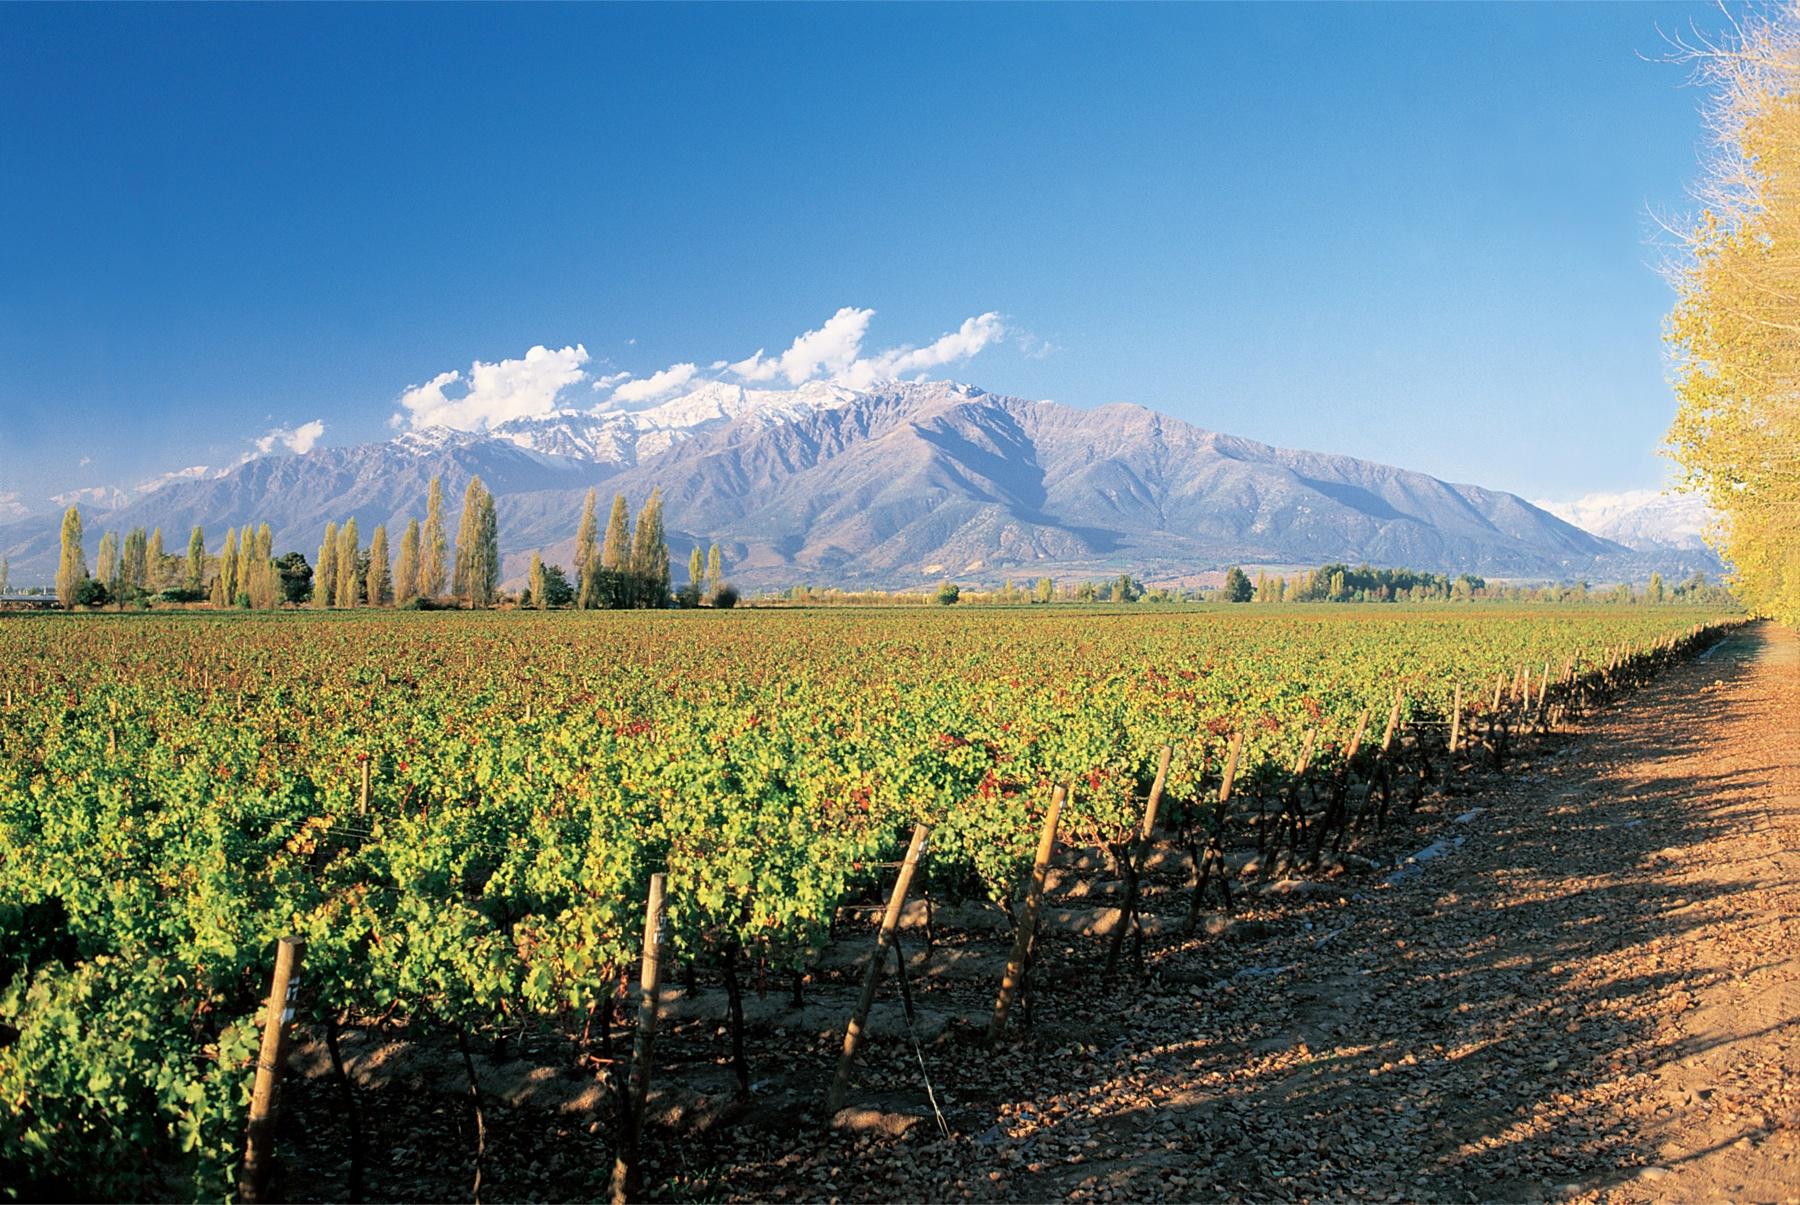 route des vins chili